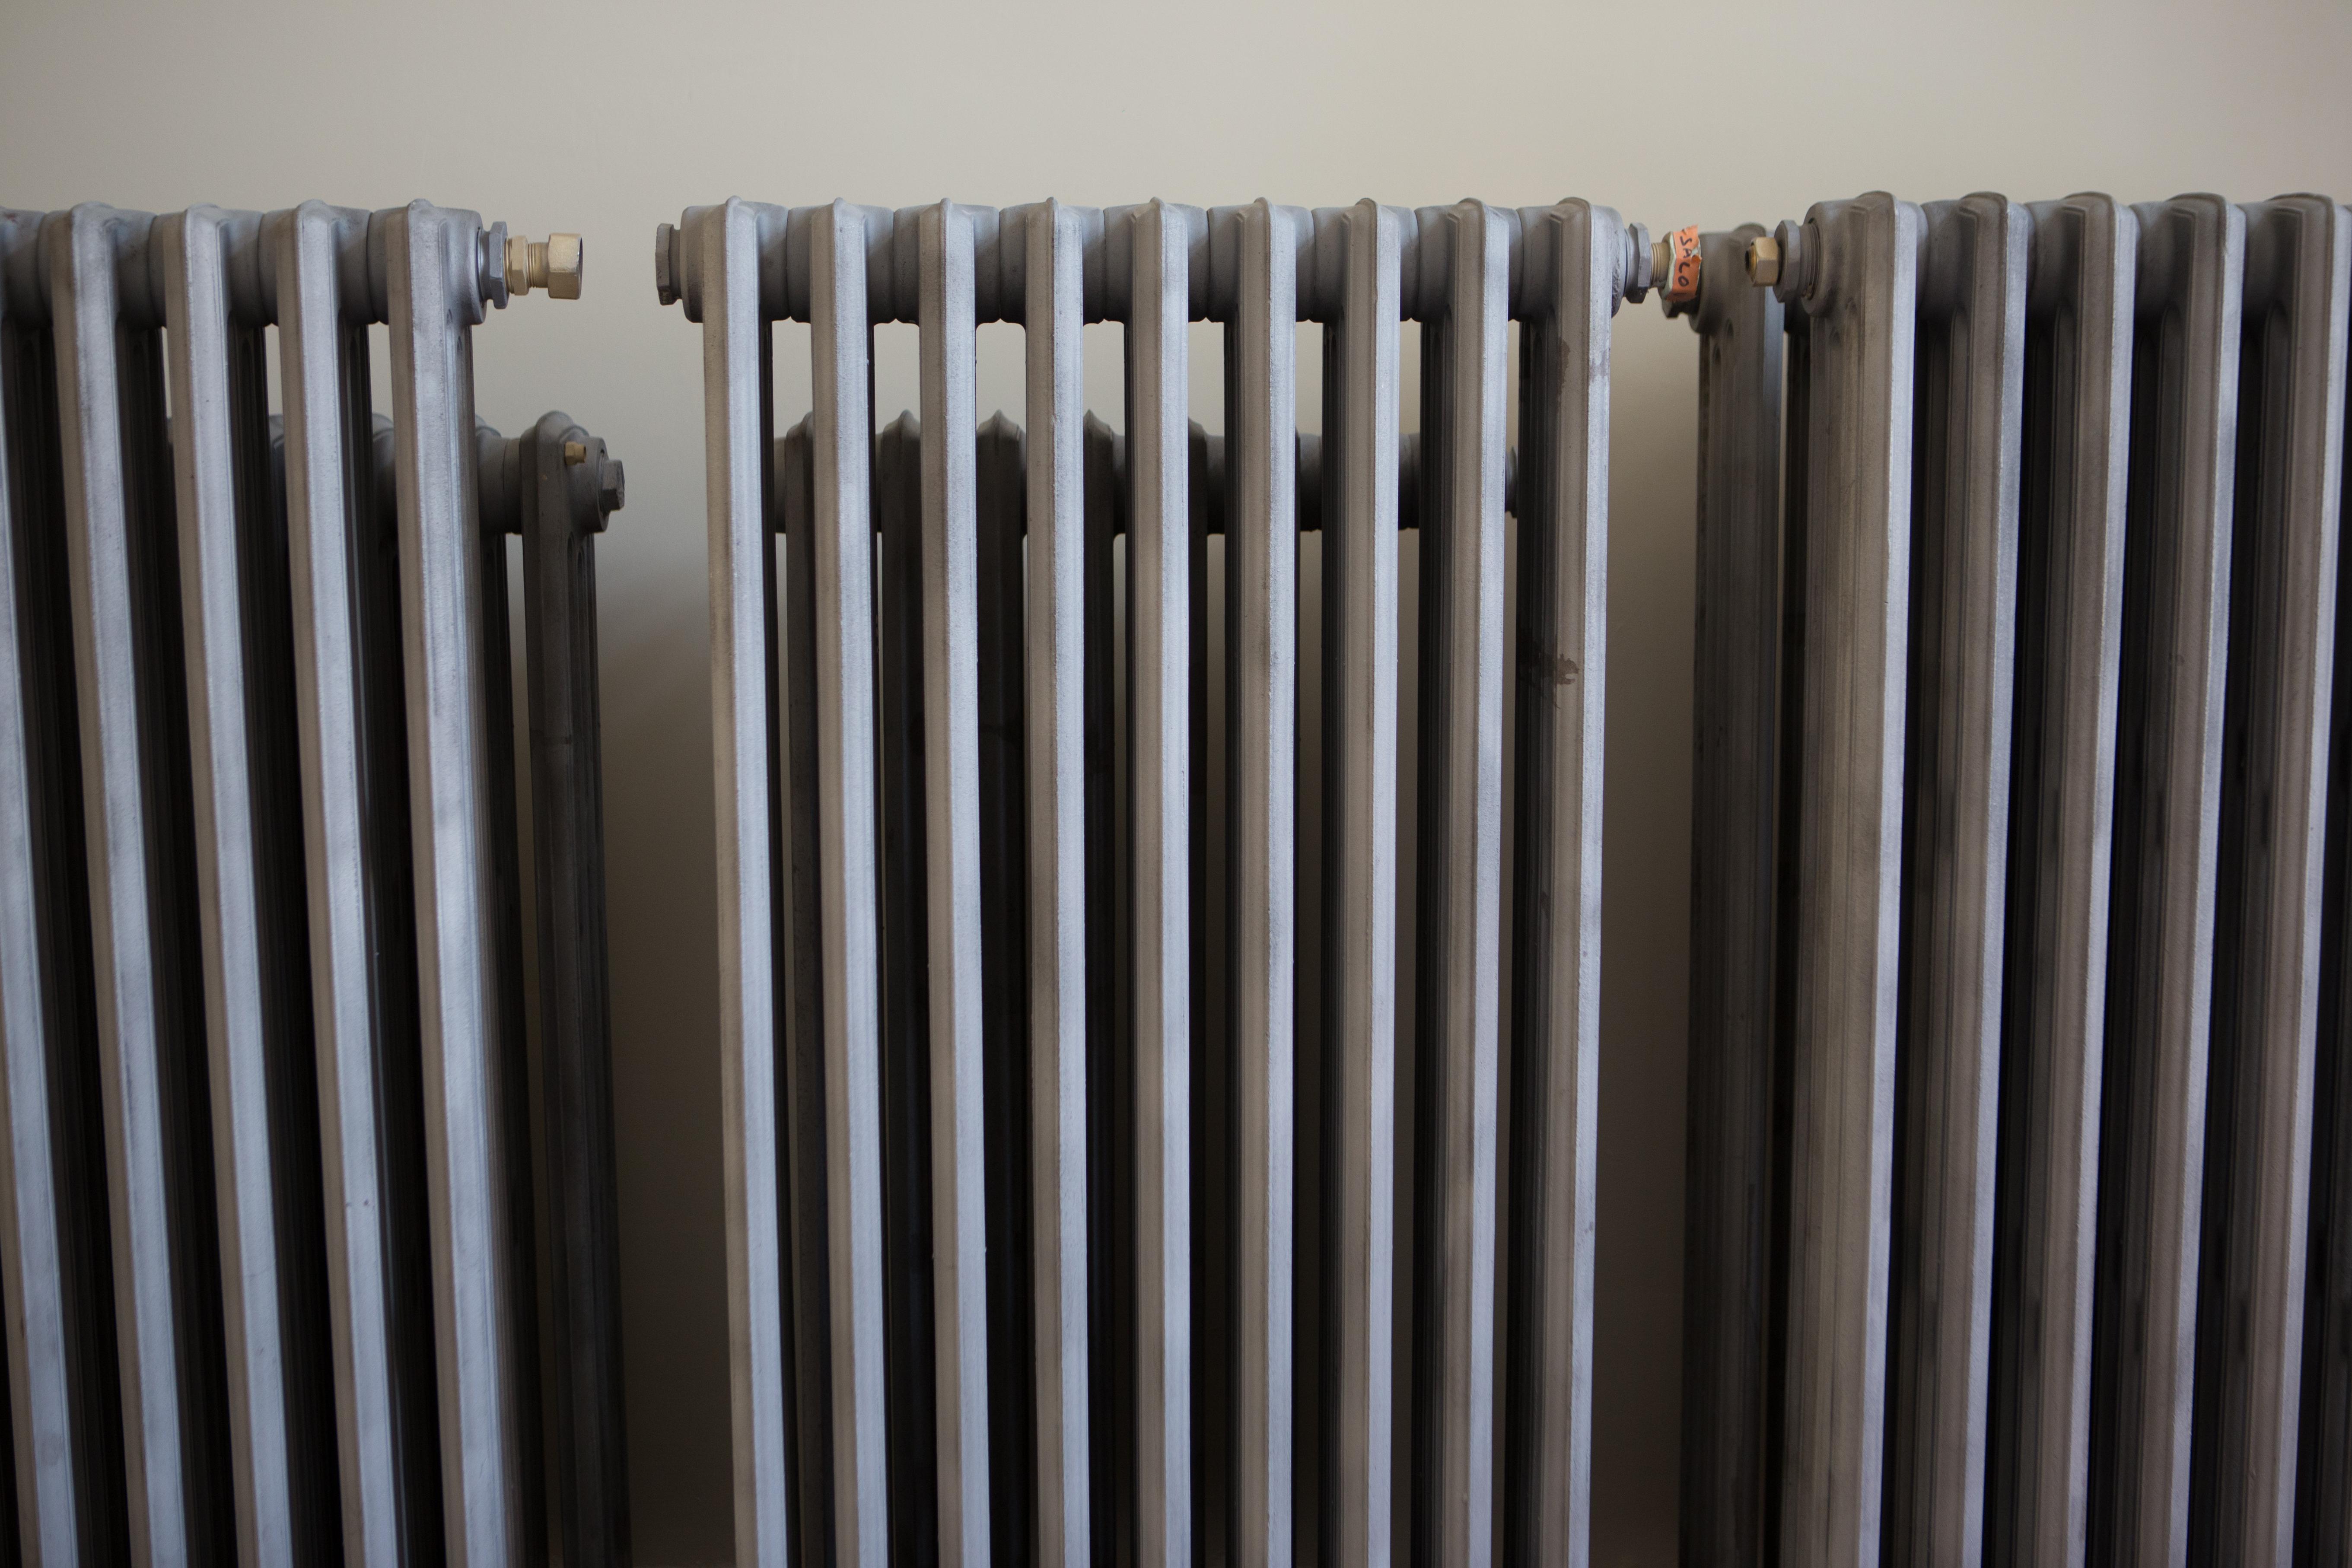 peindre radiateur fonte affordable nuancier peinture radiateur with peindre radiateur fonte. Black Bedroom Furniture Sets. Home Design Ideas